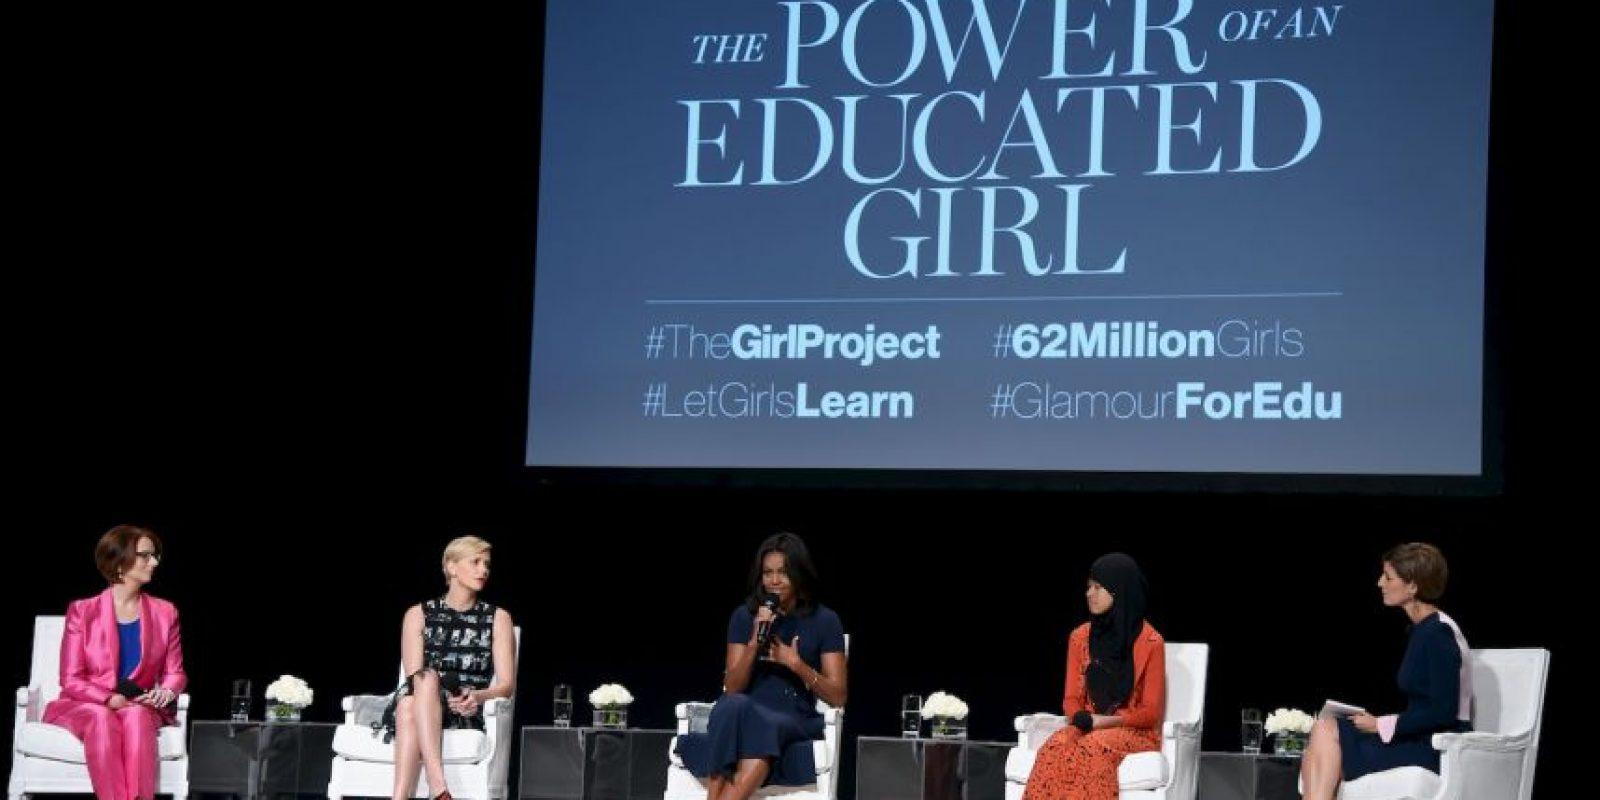 """Como parte del proyecto """"The Power of an Educated Girl"""" la primera dama estadounidense Michelle Obama dio un par de consejos a las jóvenes presentes. Foto:Getty Images"""